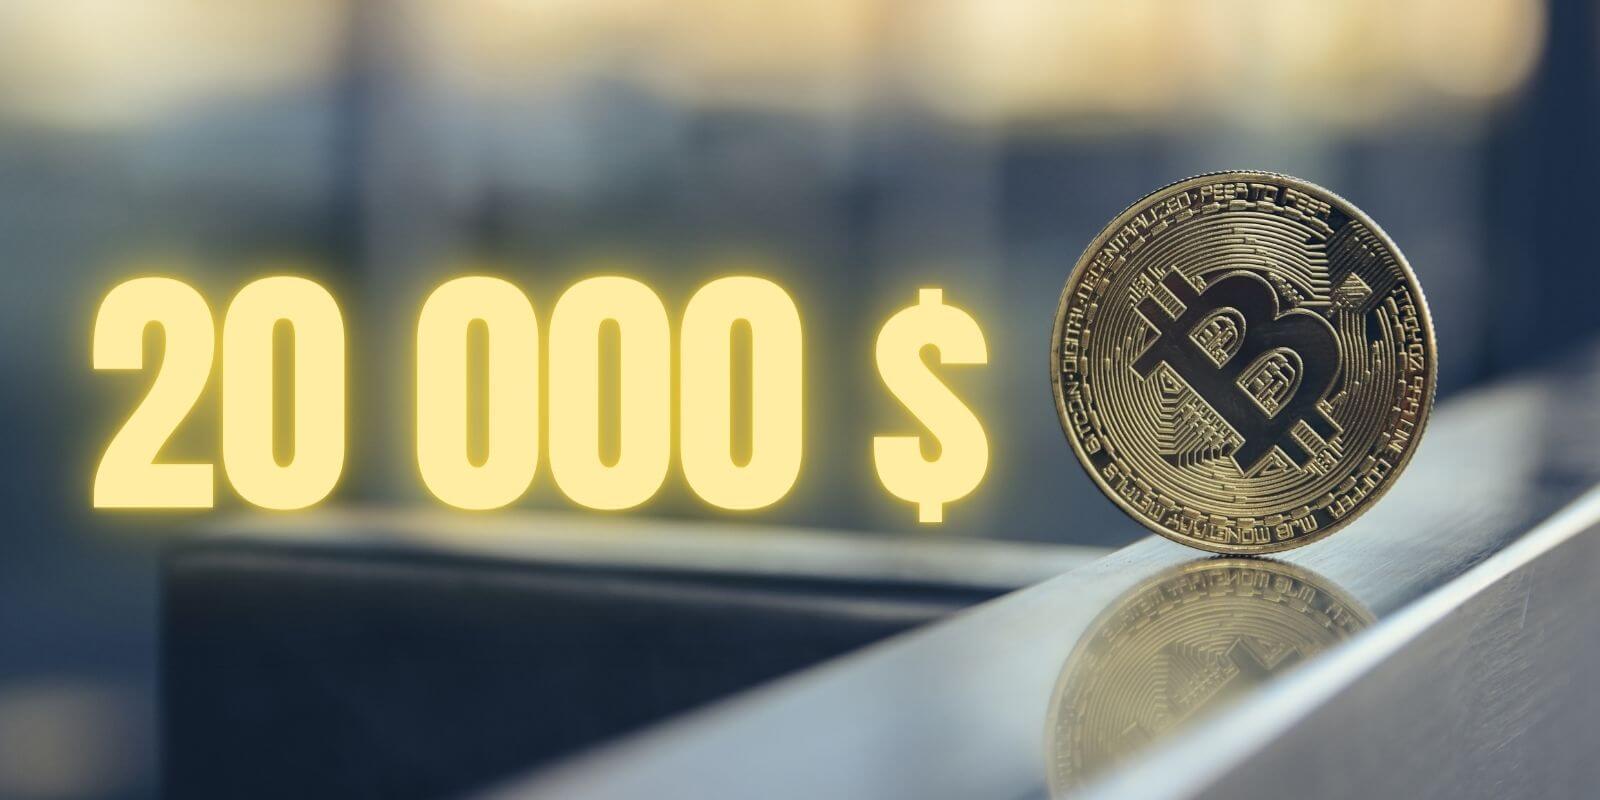 Le Bitcoin (BTC) atteindra 20 000 $ dans les prochains mois, selon Kraken